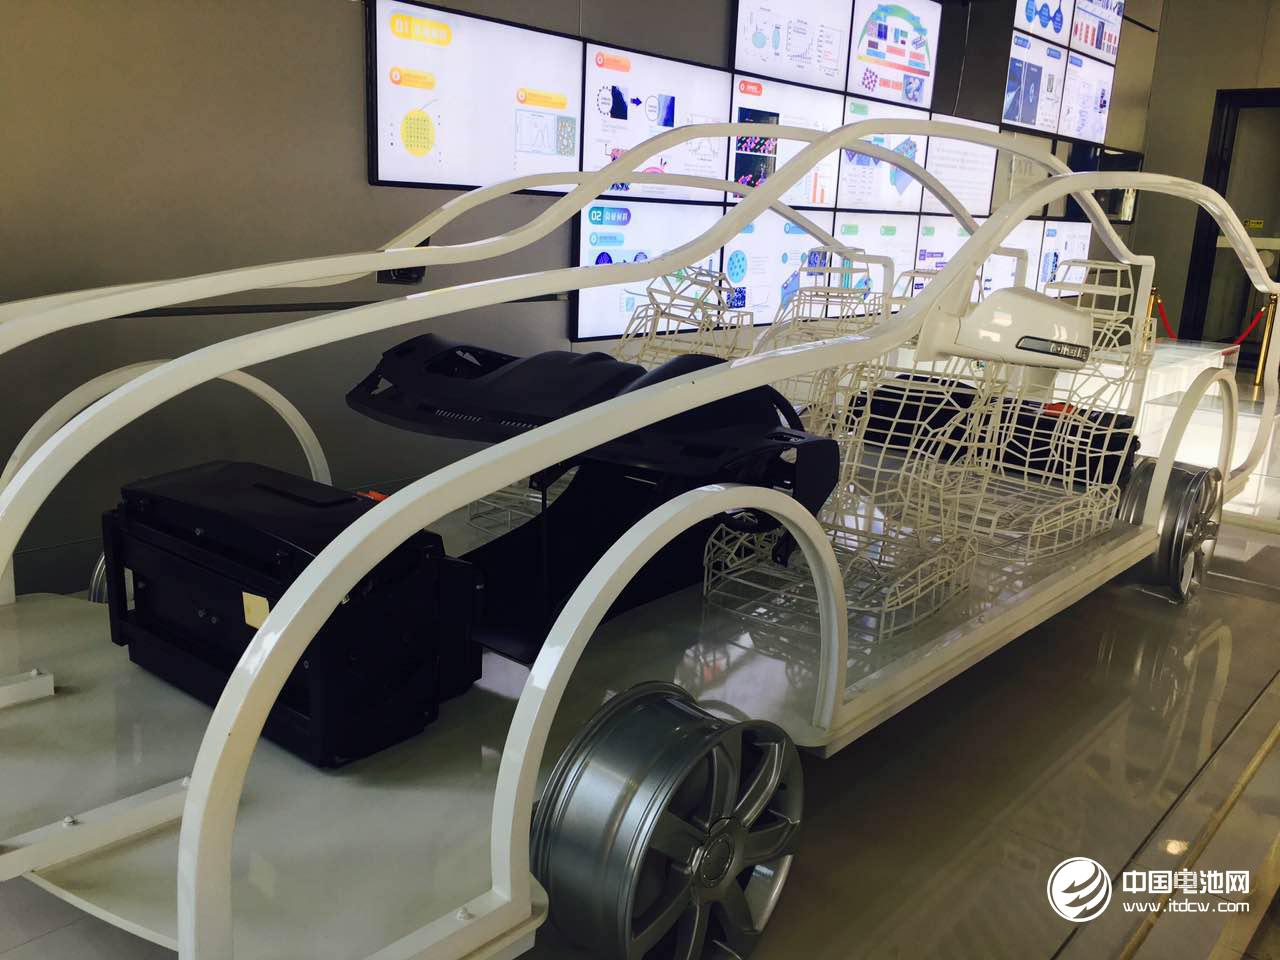 补贴退坡 新能源汽车技术路线争论又一次被唤醒